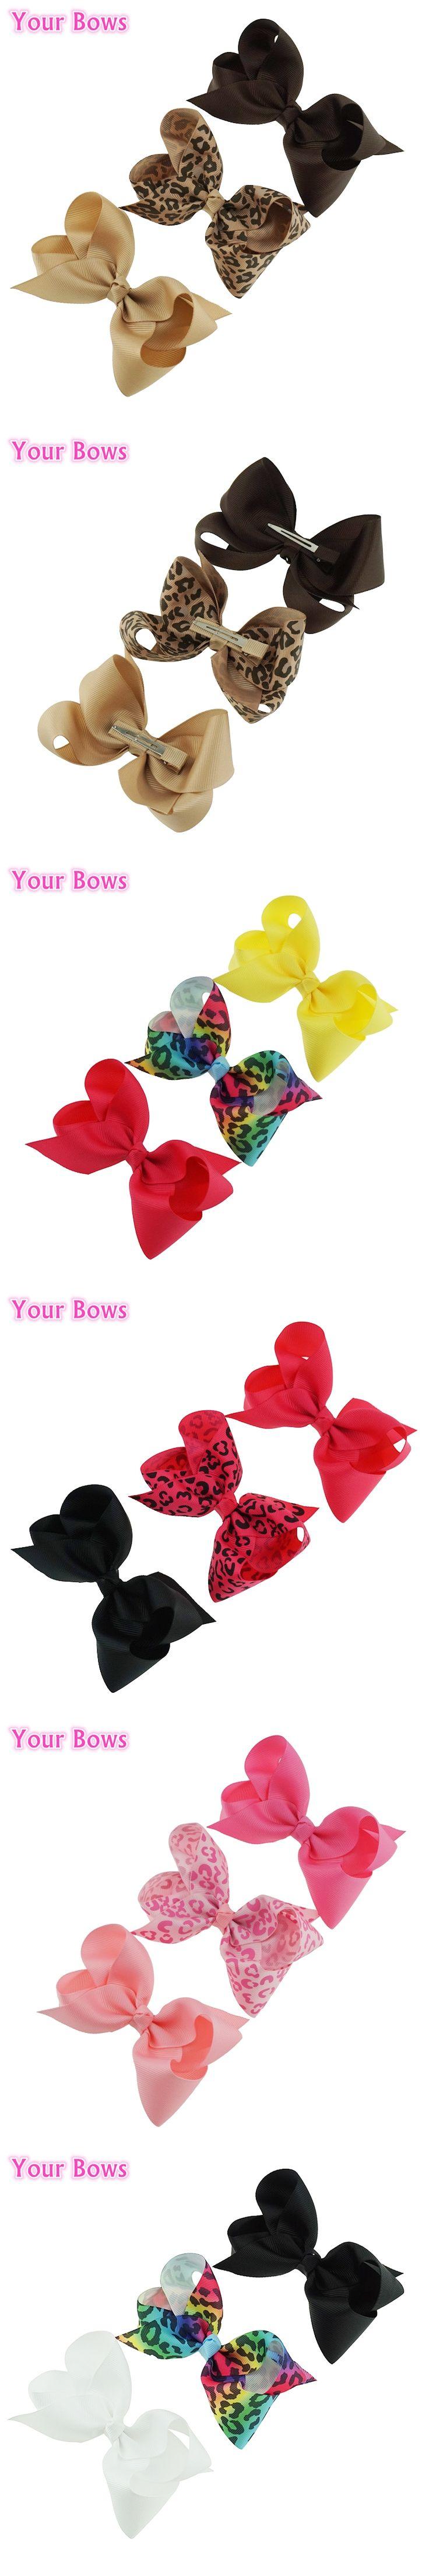 Your Bows 3Pcs/Lot 4inch Leopard Print Hair Bows  Girls Hair Clips Grosgrain Ribbon Bows Headwear Children Hair Accessories